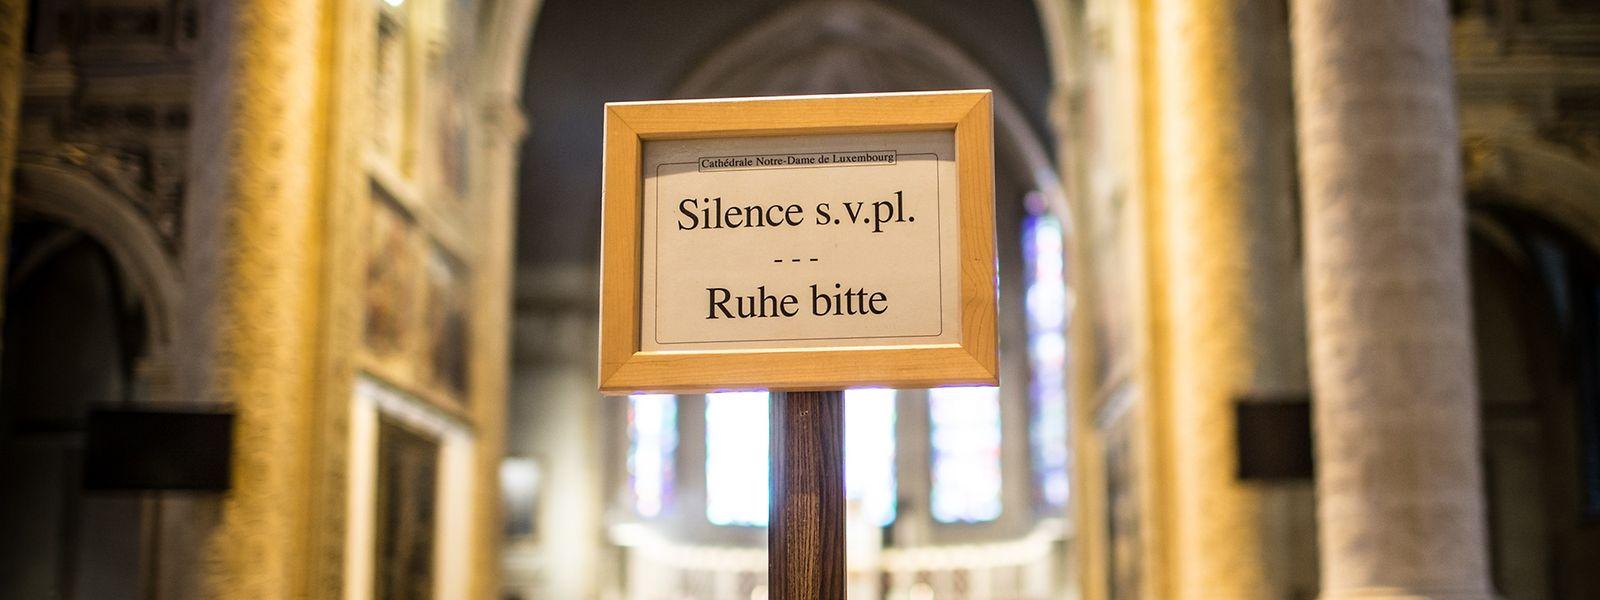 Die Vertreter des Bistums hoffen, dass nach den Informationsversammlungen etwas Ruhe eintritt.